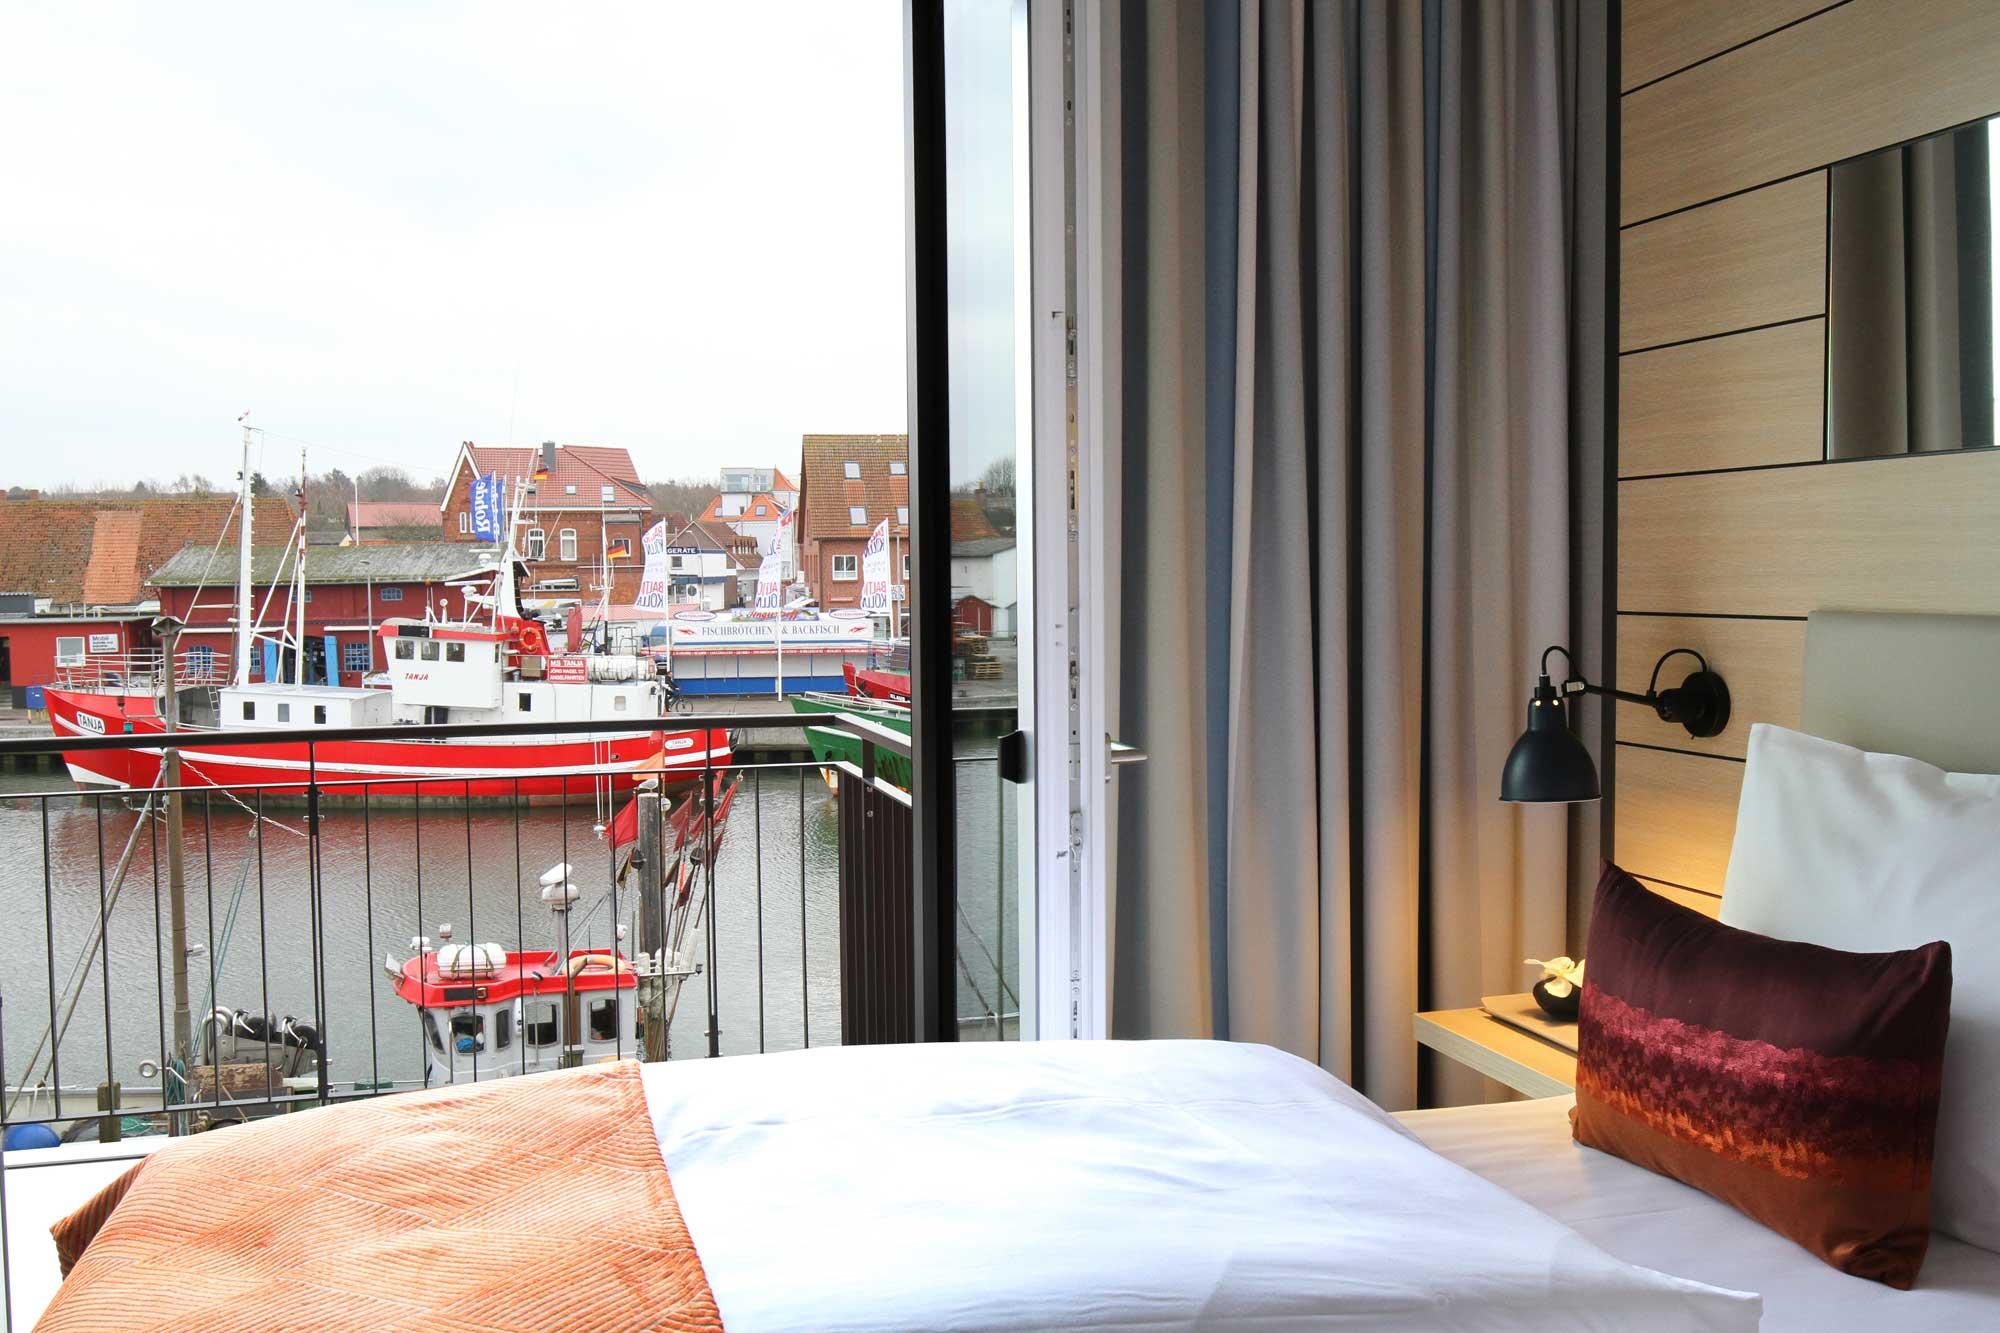 Blick aus dem Zimmer des Hafenhotels Meereszeiten in Heiligenhafen